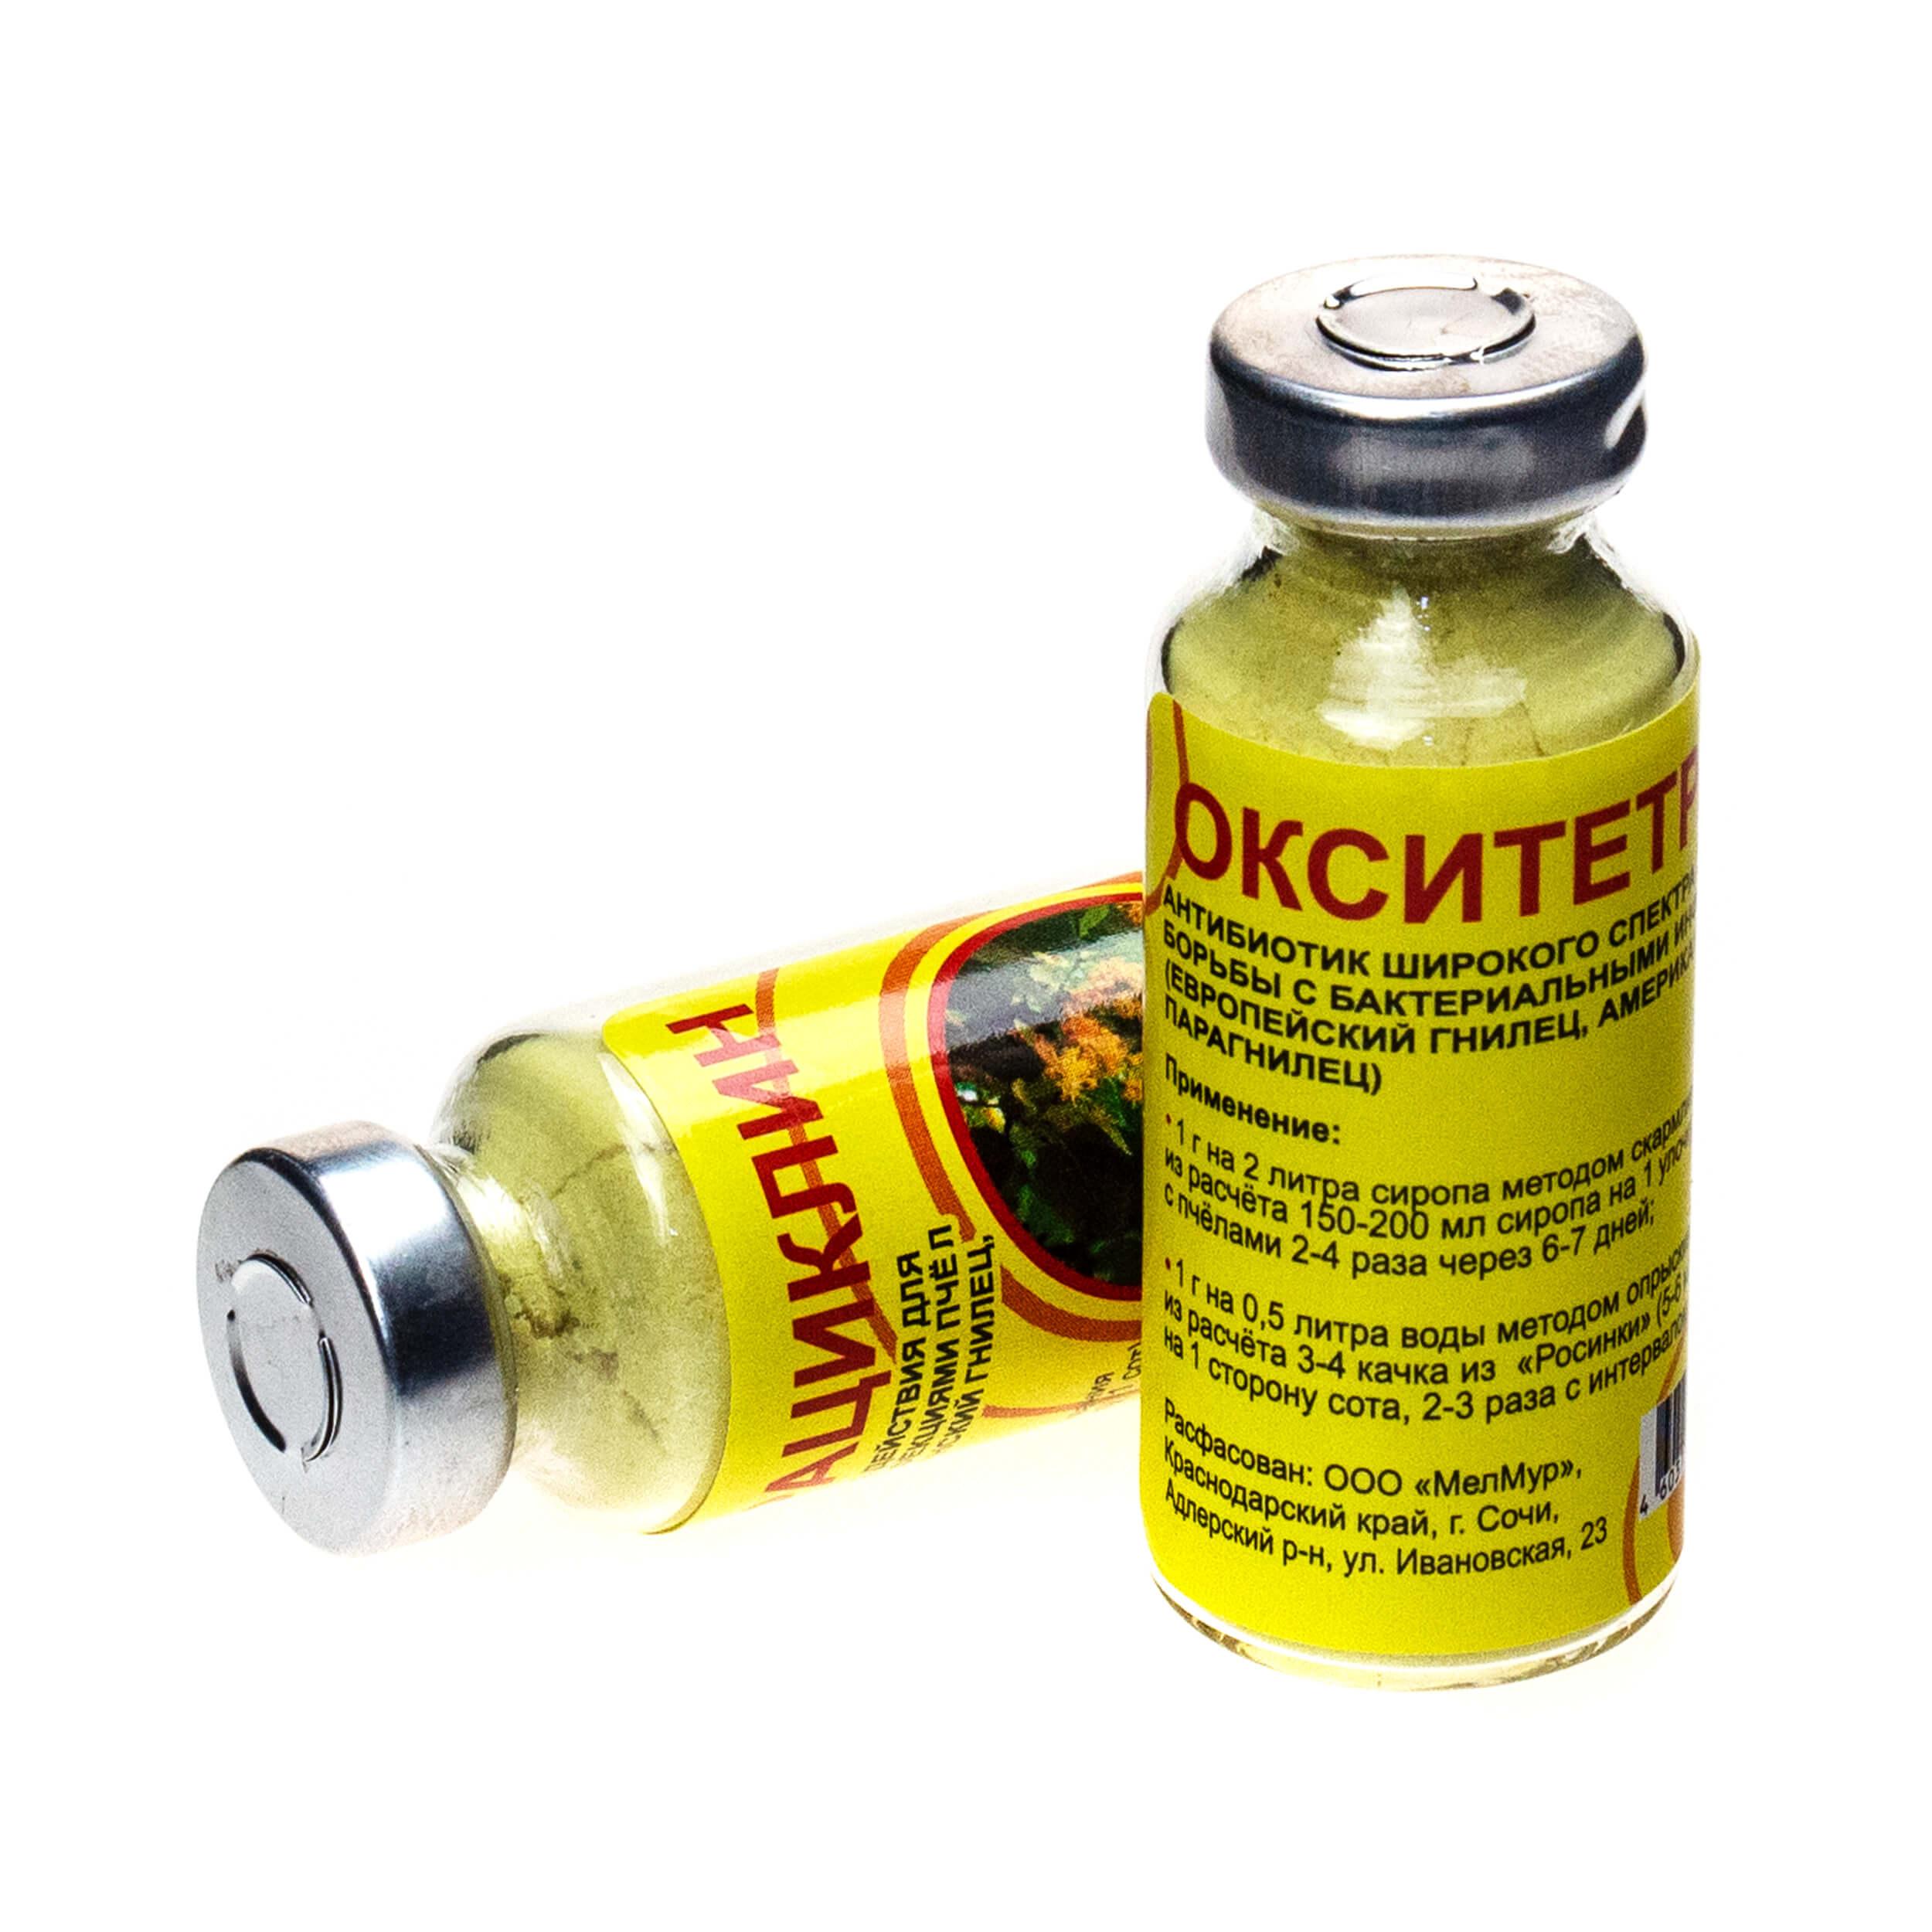 Окситетрациклин (Порошок, 15 гр) фото